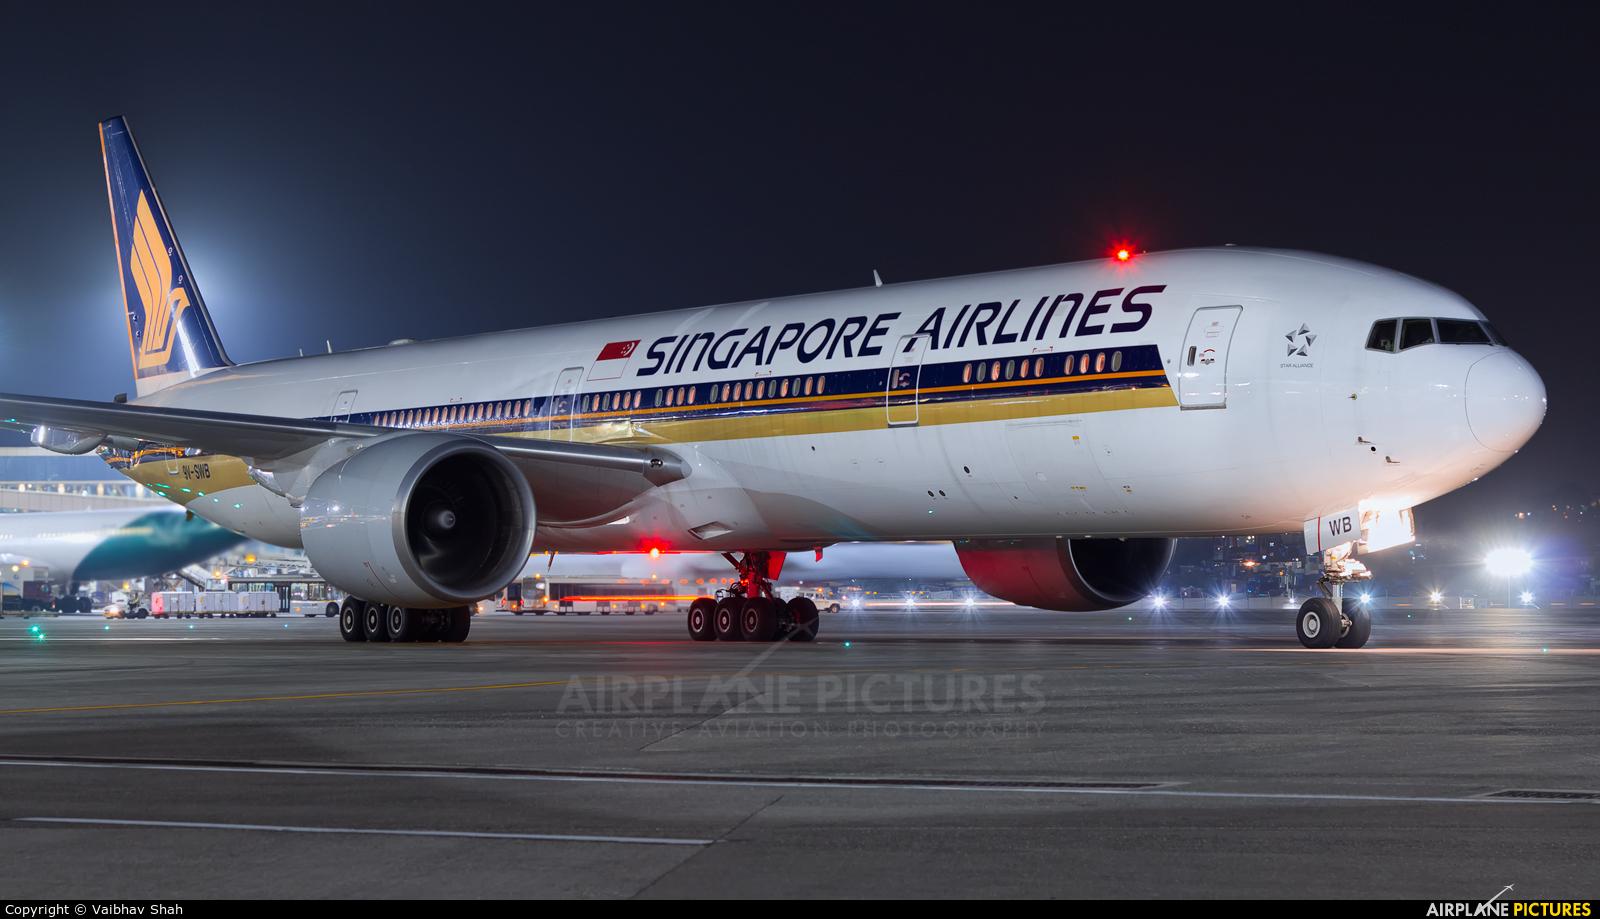 Singapore Airlines 9V-SWB aircraft at Mumbai - Chhatrapati Shivaji Intl